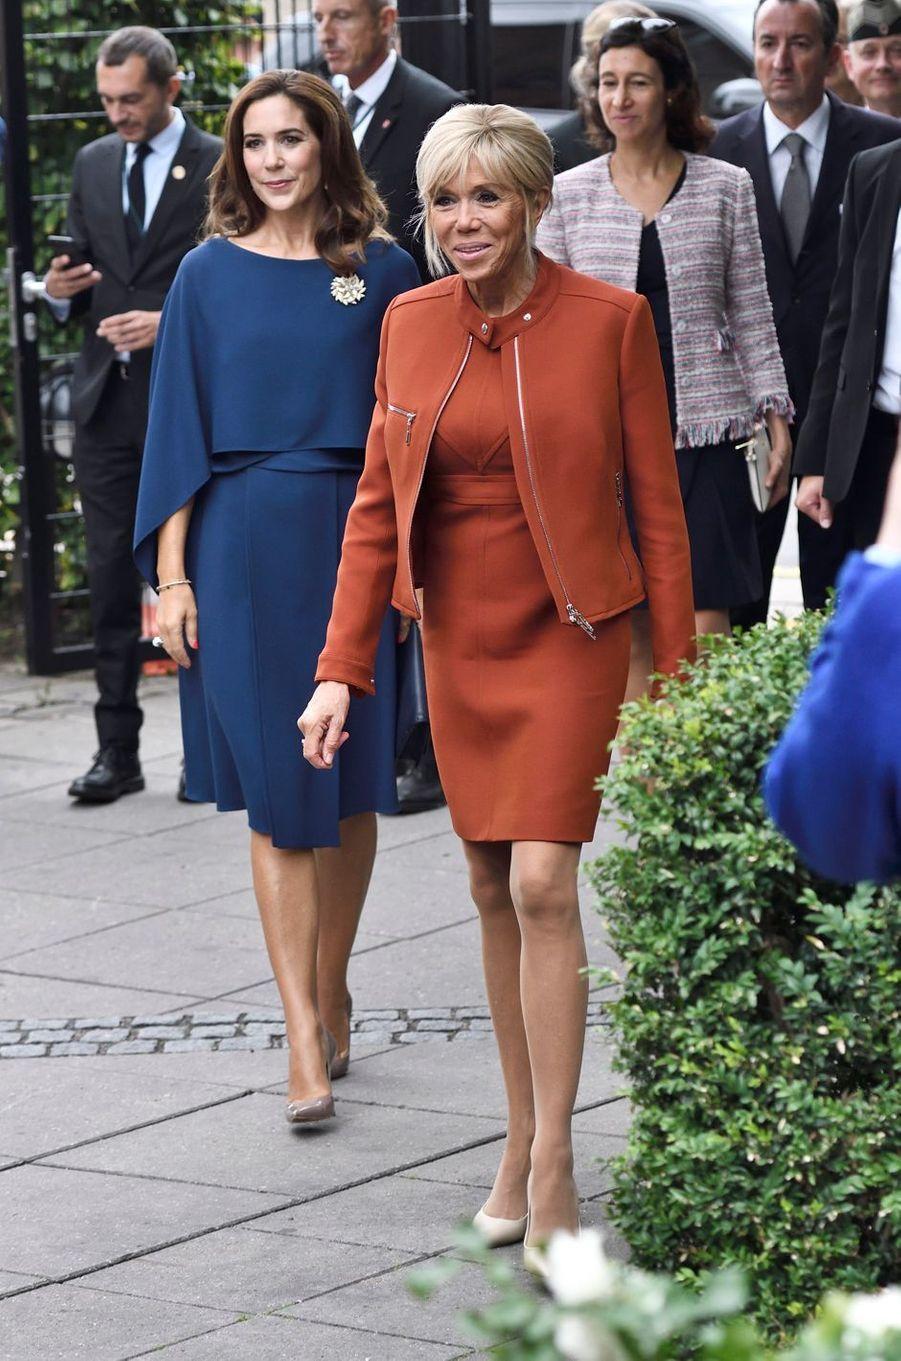 La princesse Mary de Danemark et Brigitte Macron à Copenhague, le 29 août 2018